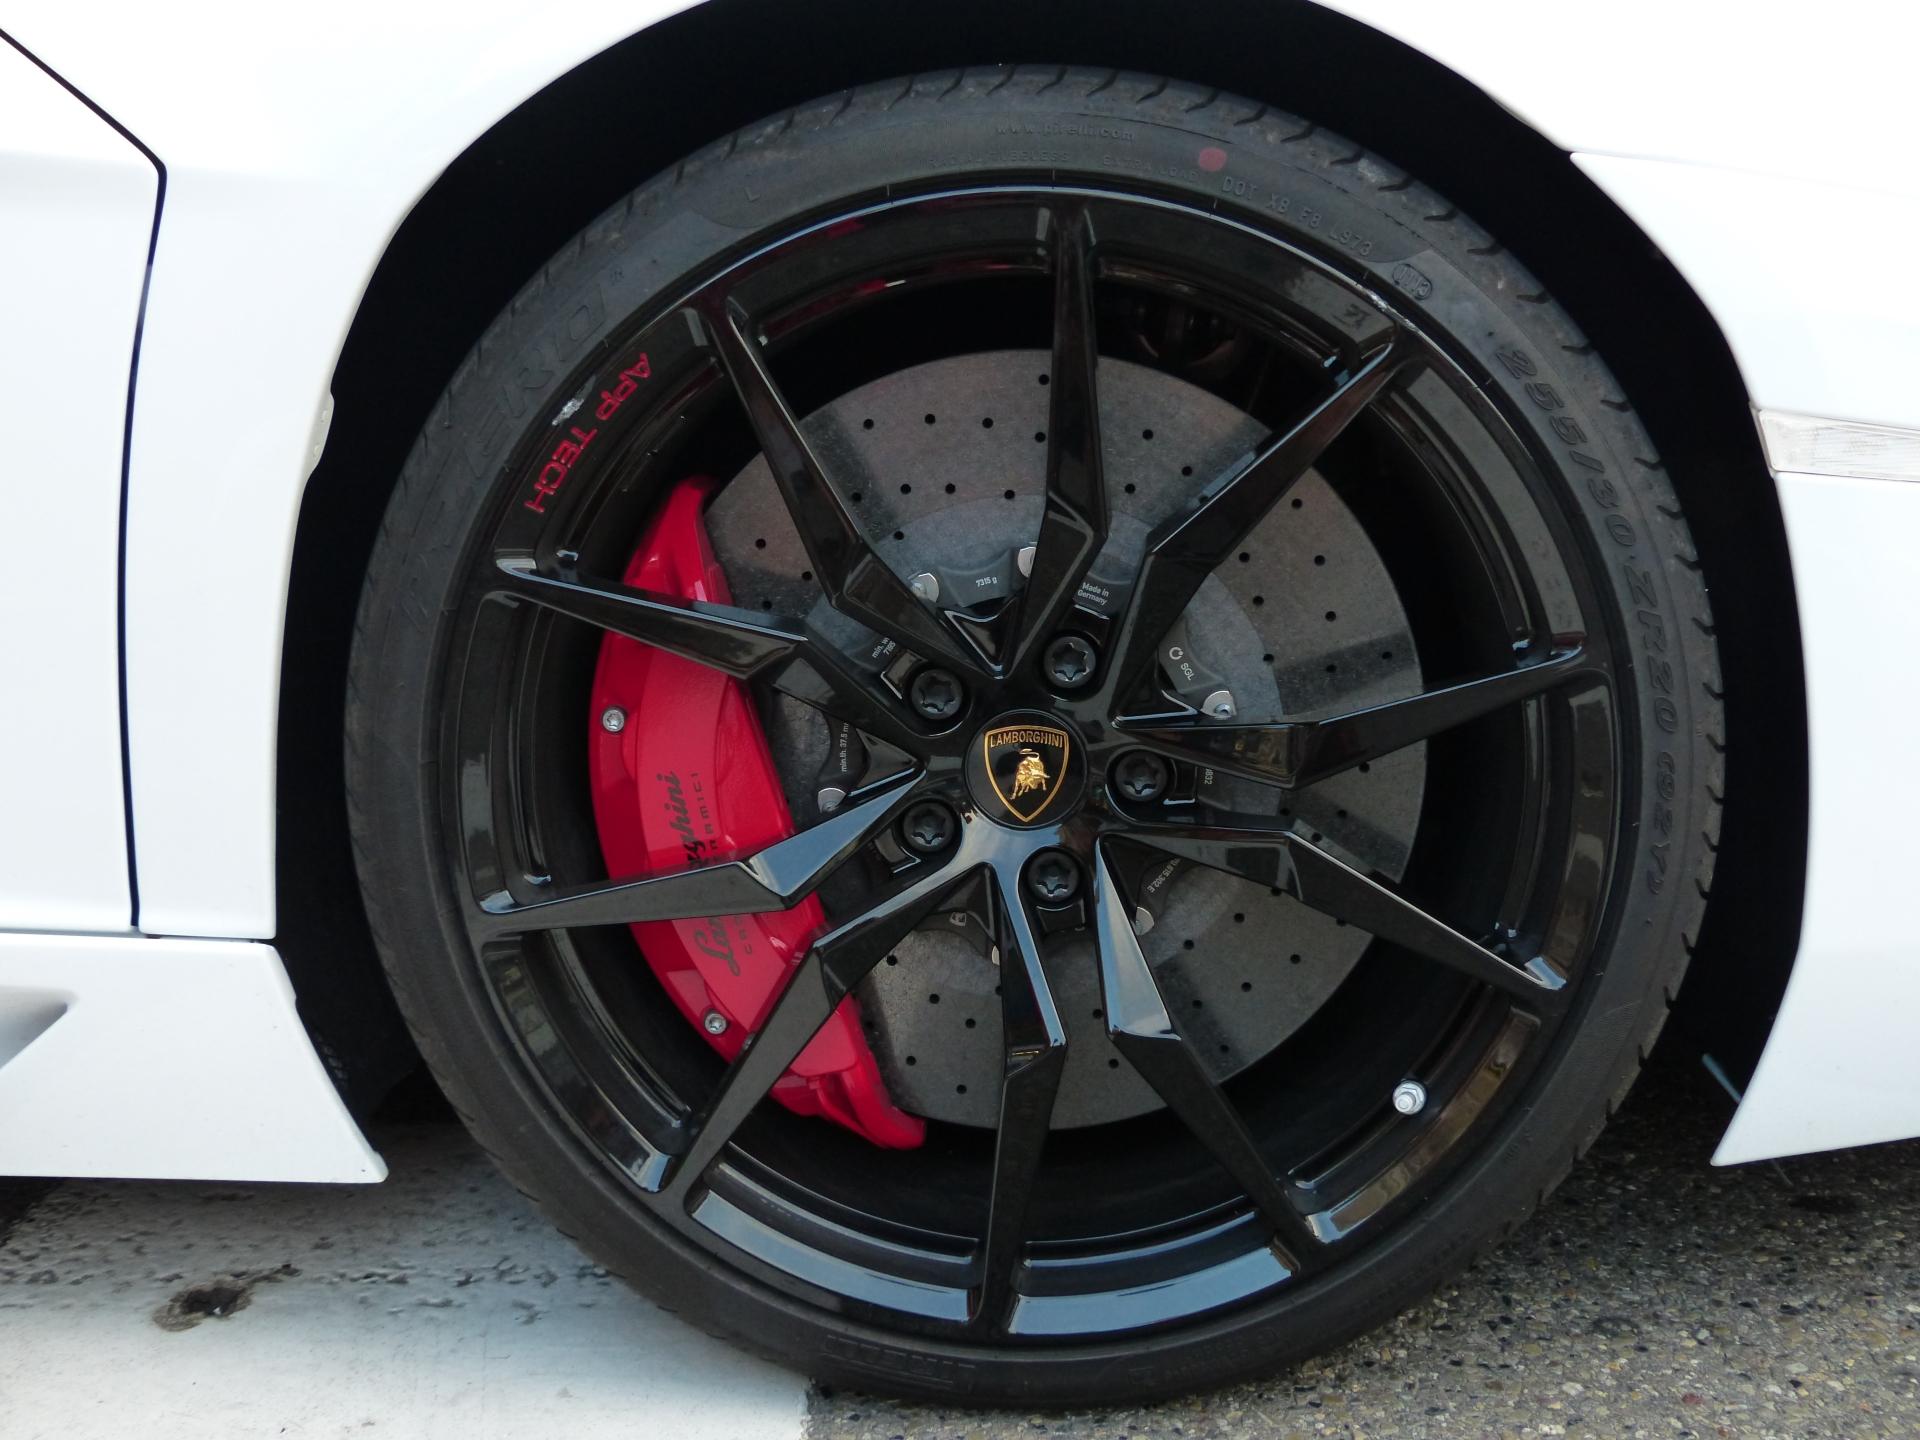 Pastilla y disco de freno de un coche deportivo